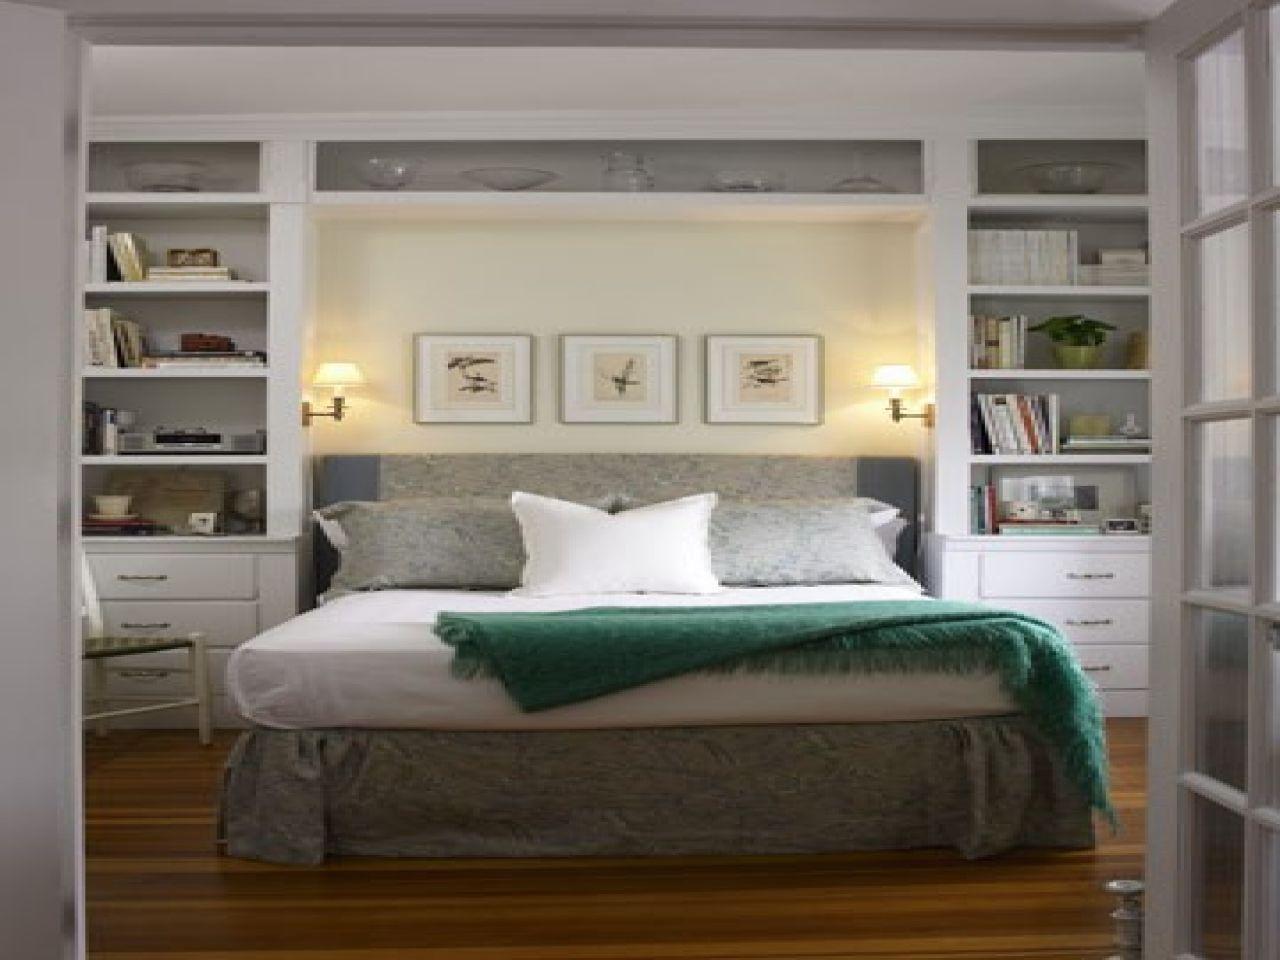 Bedroom Built In Bookshelf Shelves Around Bed